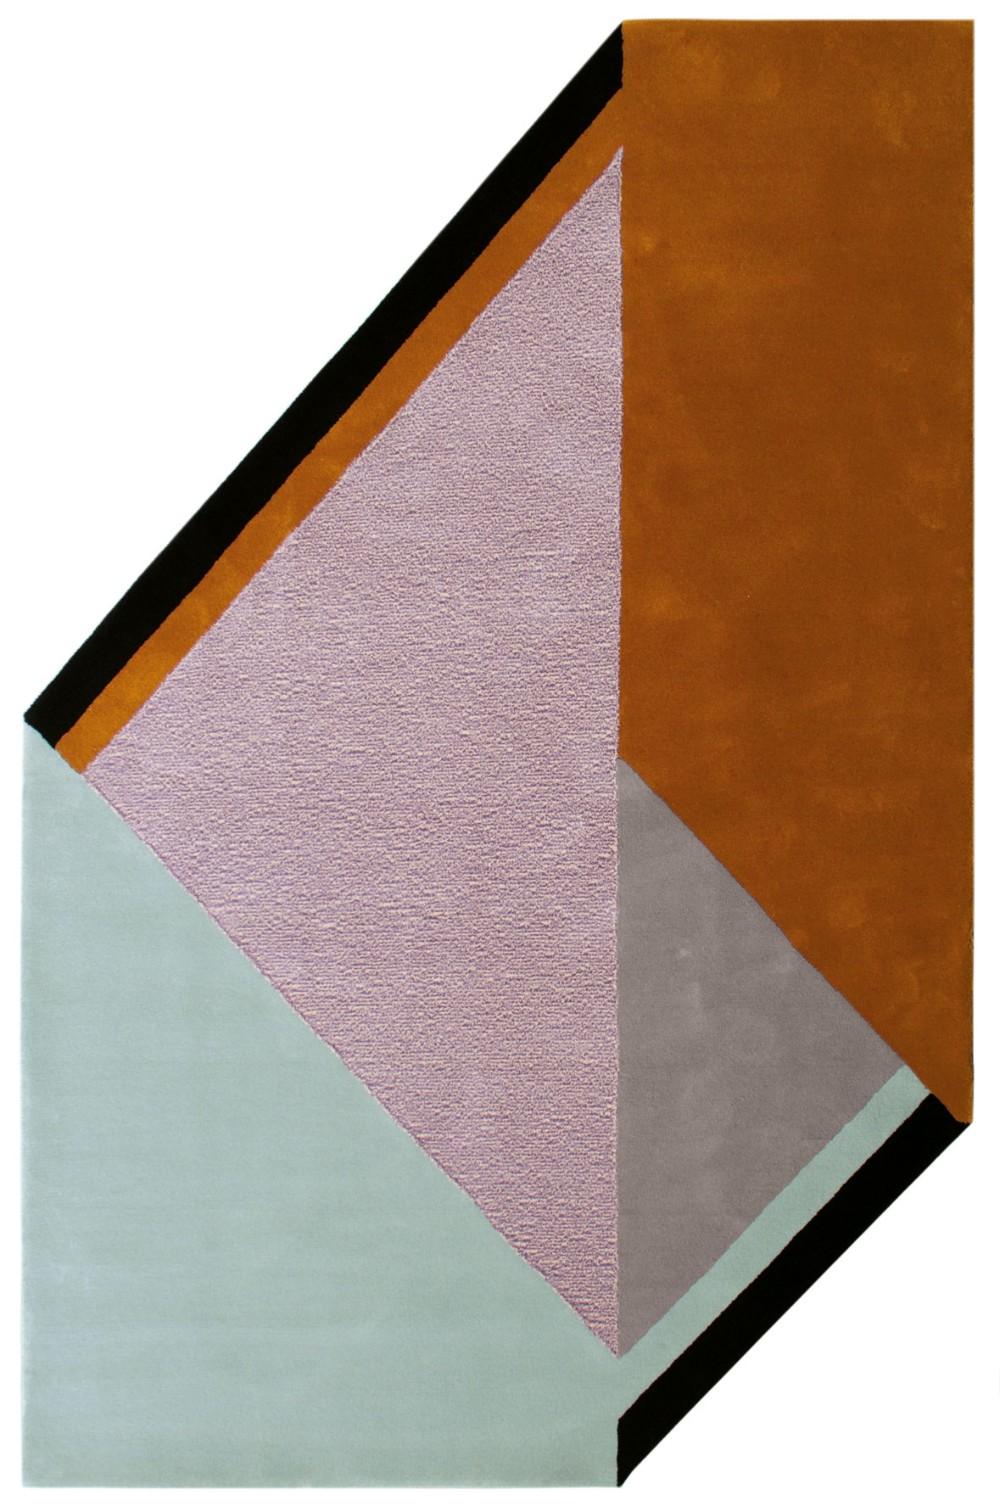 Carpet-Edition_Roquebrune2-designlifestyle-2